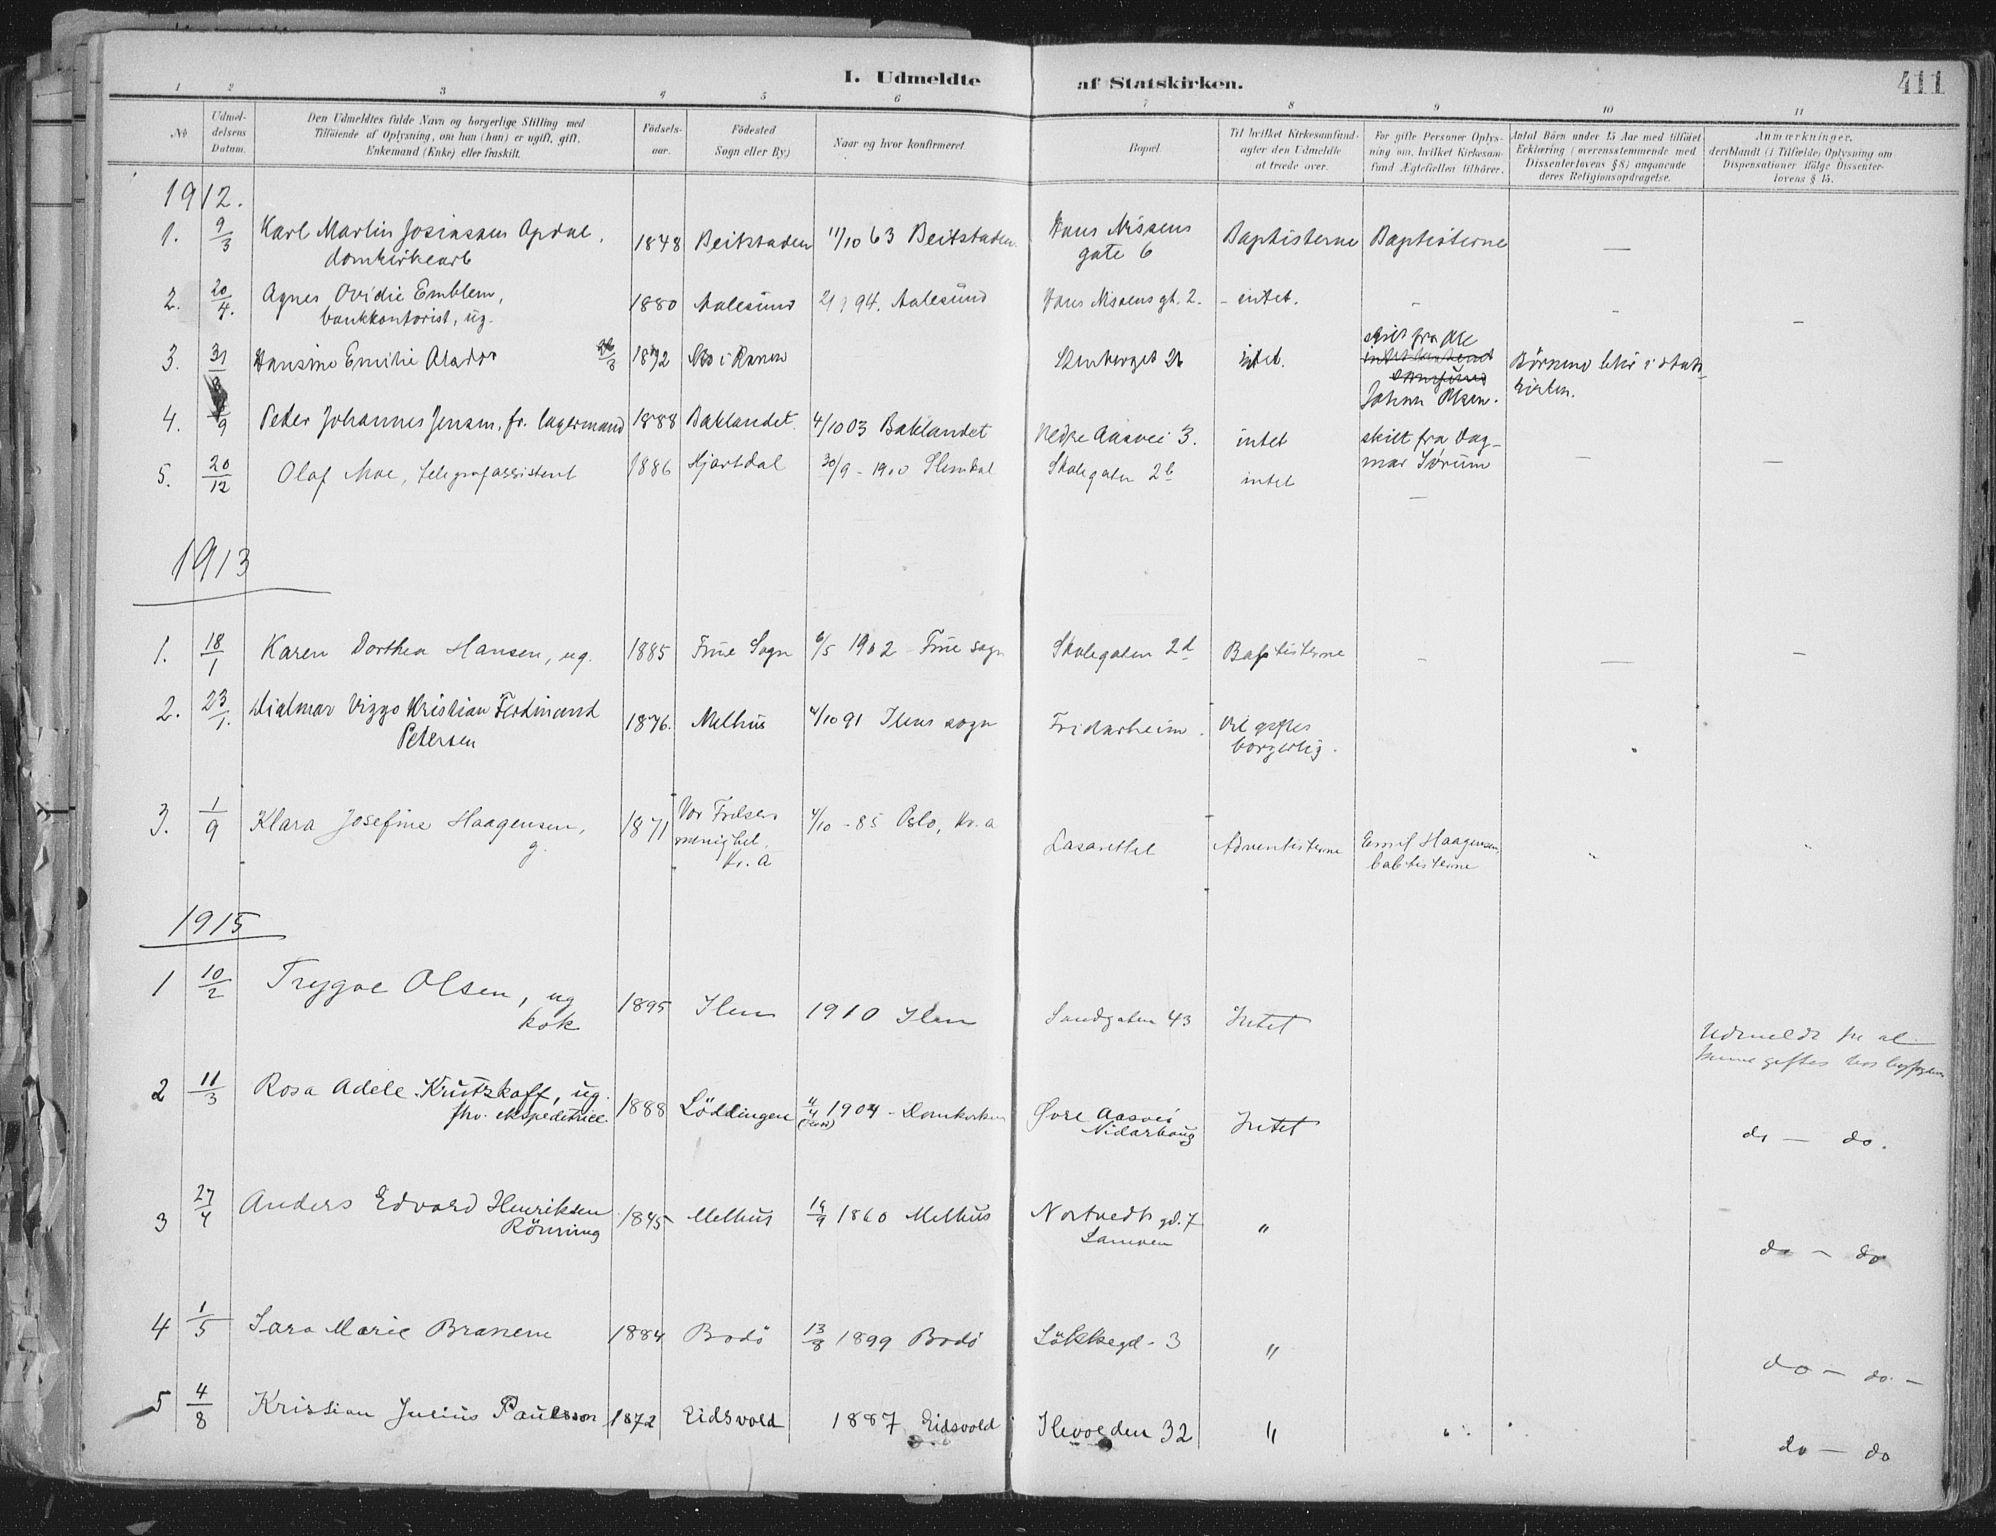 SAT, Ministerialprotokoller, klokkerbøker og fødselsregistre - Sør-Trøndelag, 603/L0167: Ministerialbok nr. 603A06, 1896-1932, s. 411